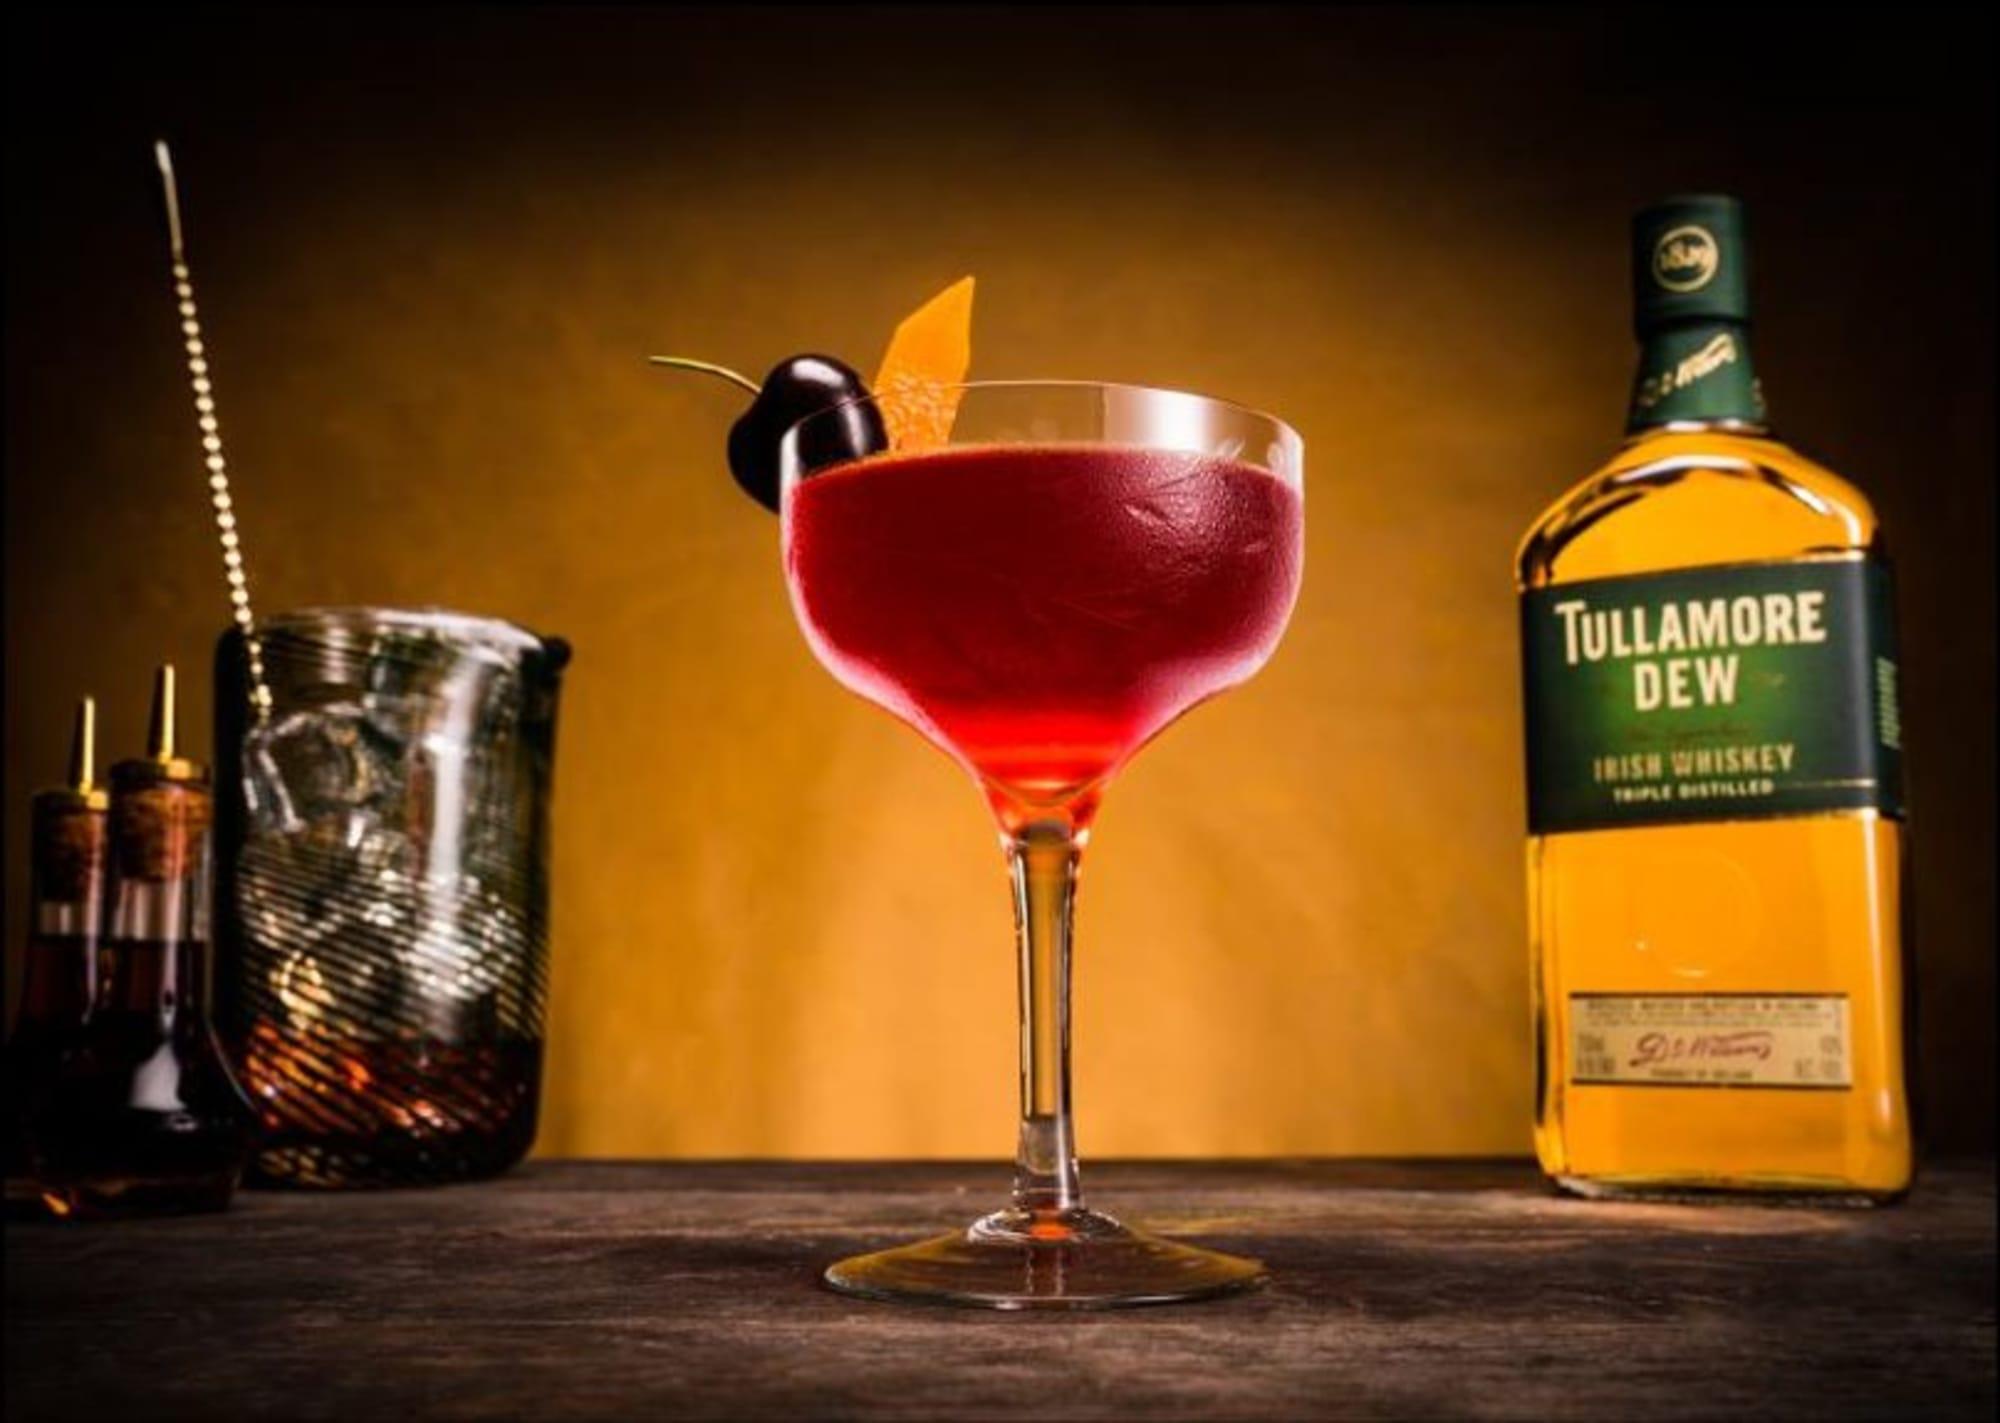 Cocktail Recipes To Make To Celebrate Mardi Gras & Ufc Vegas 19 photo